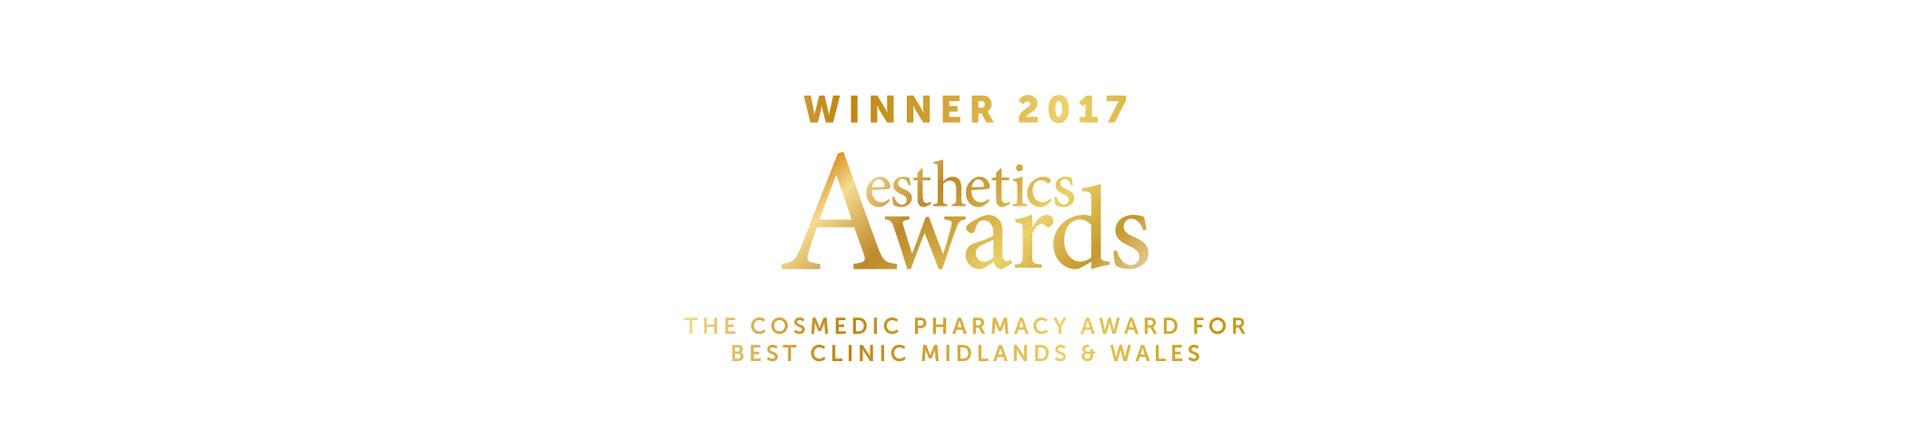 Cellite-Clinic-Aesthetics-Awards-Winner3-2017